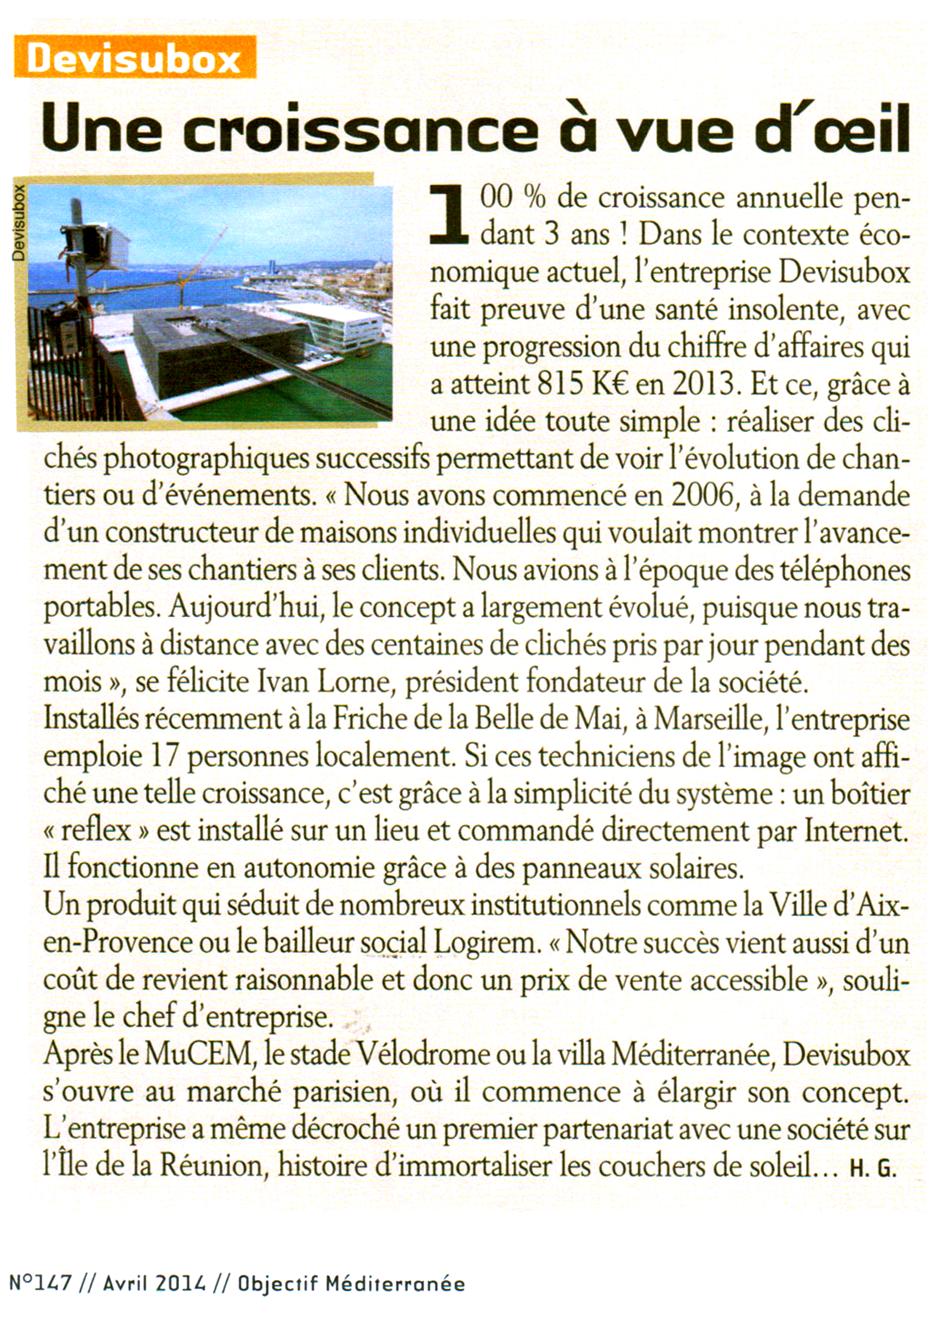 Interview Ivan LORNE - OIbjectif Méditerranée